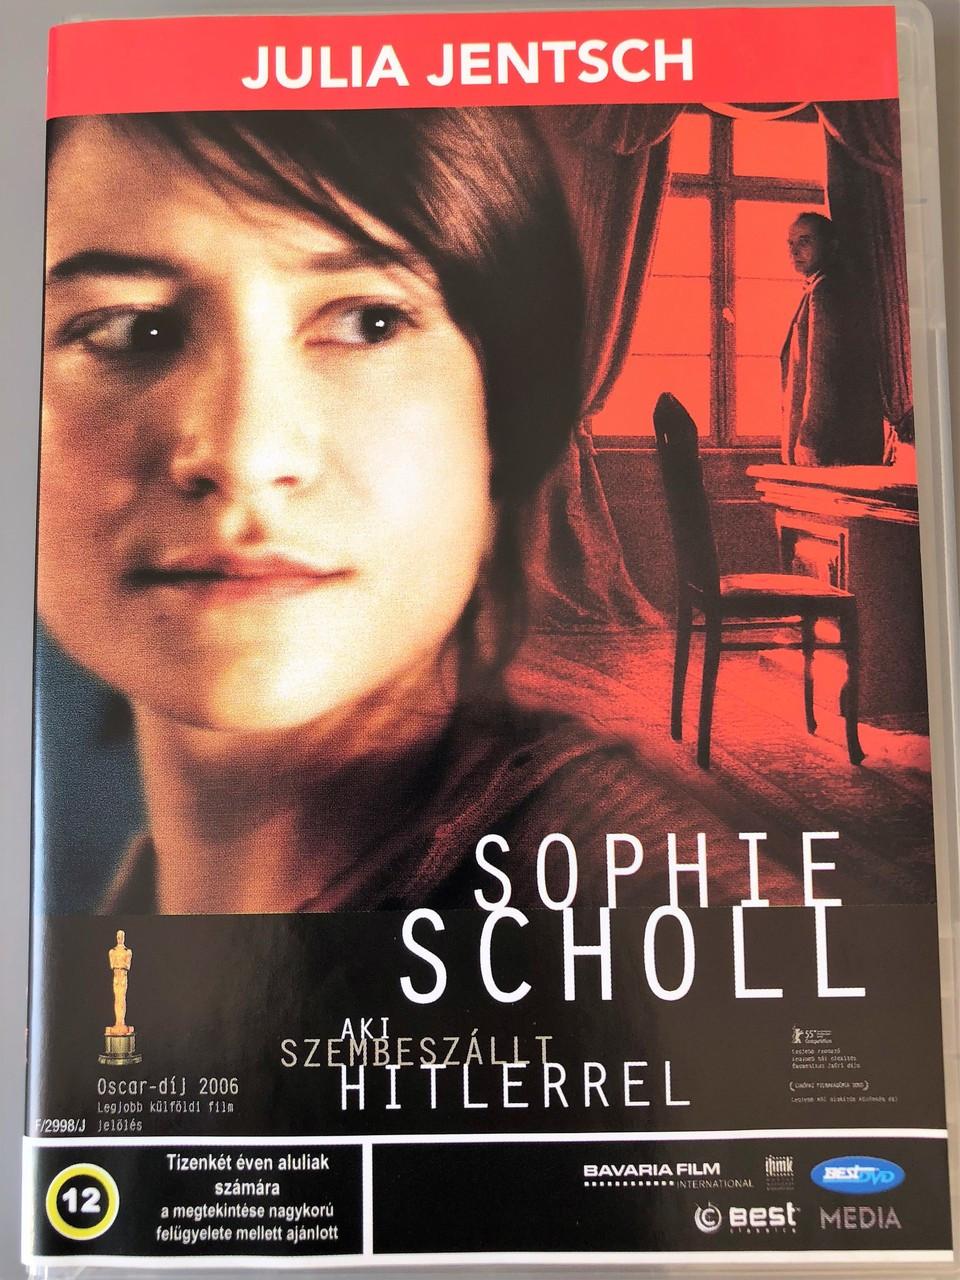 Alle Filme Mit Queen Latifah sophie scholl - die letzten tage dvd 2005 / sophie scholl - aki  szembeszállt hitlerrel / german historical drama film directedmarc  rothemund and